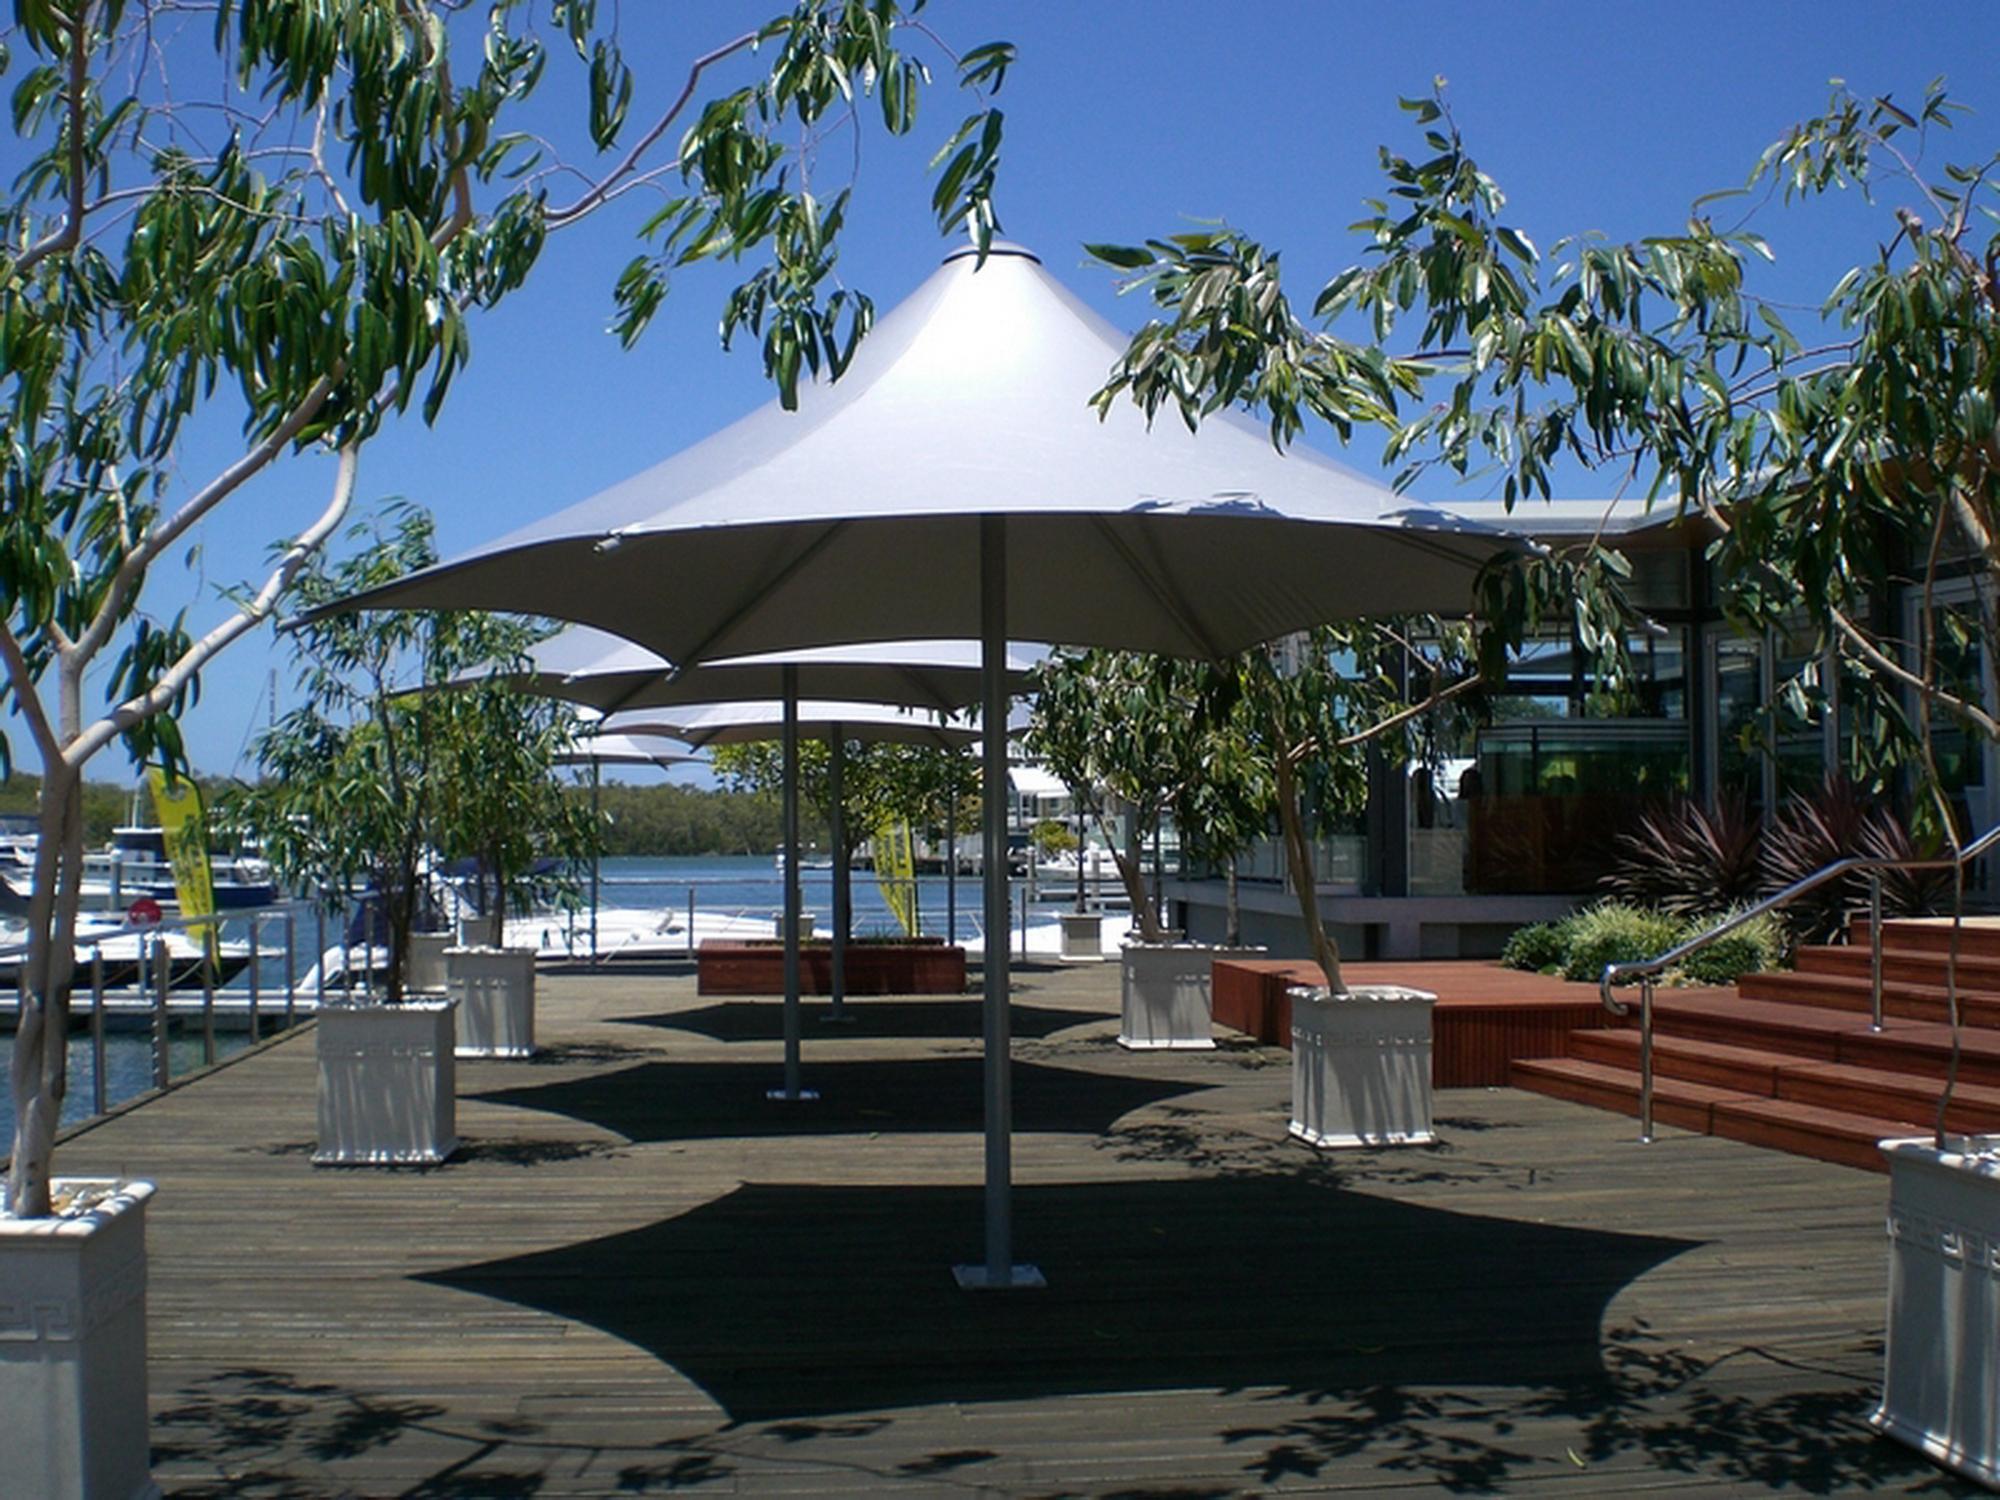 膜结构遮阳雨伞分类介绍产品演示图1